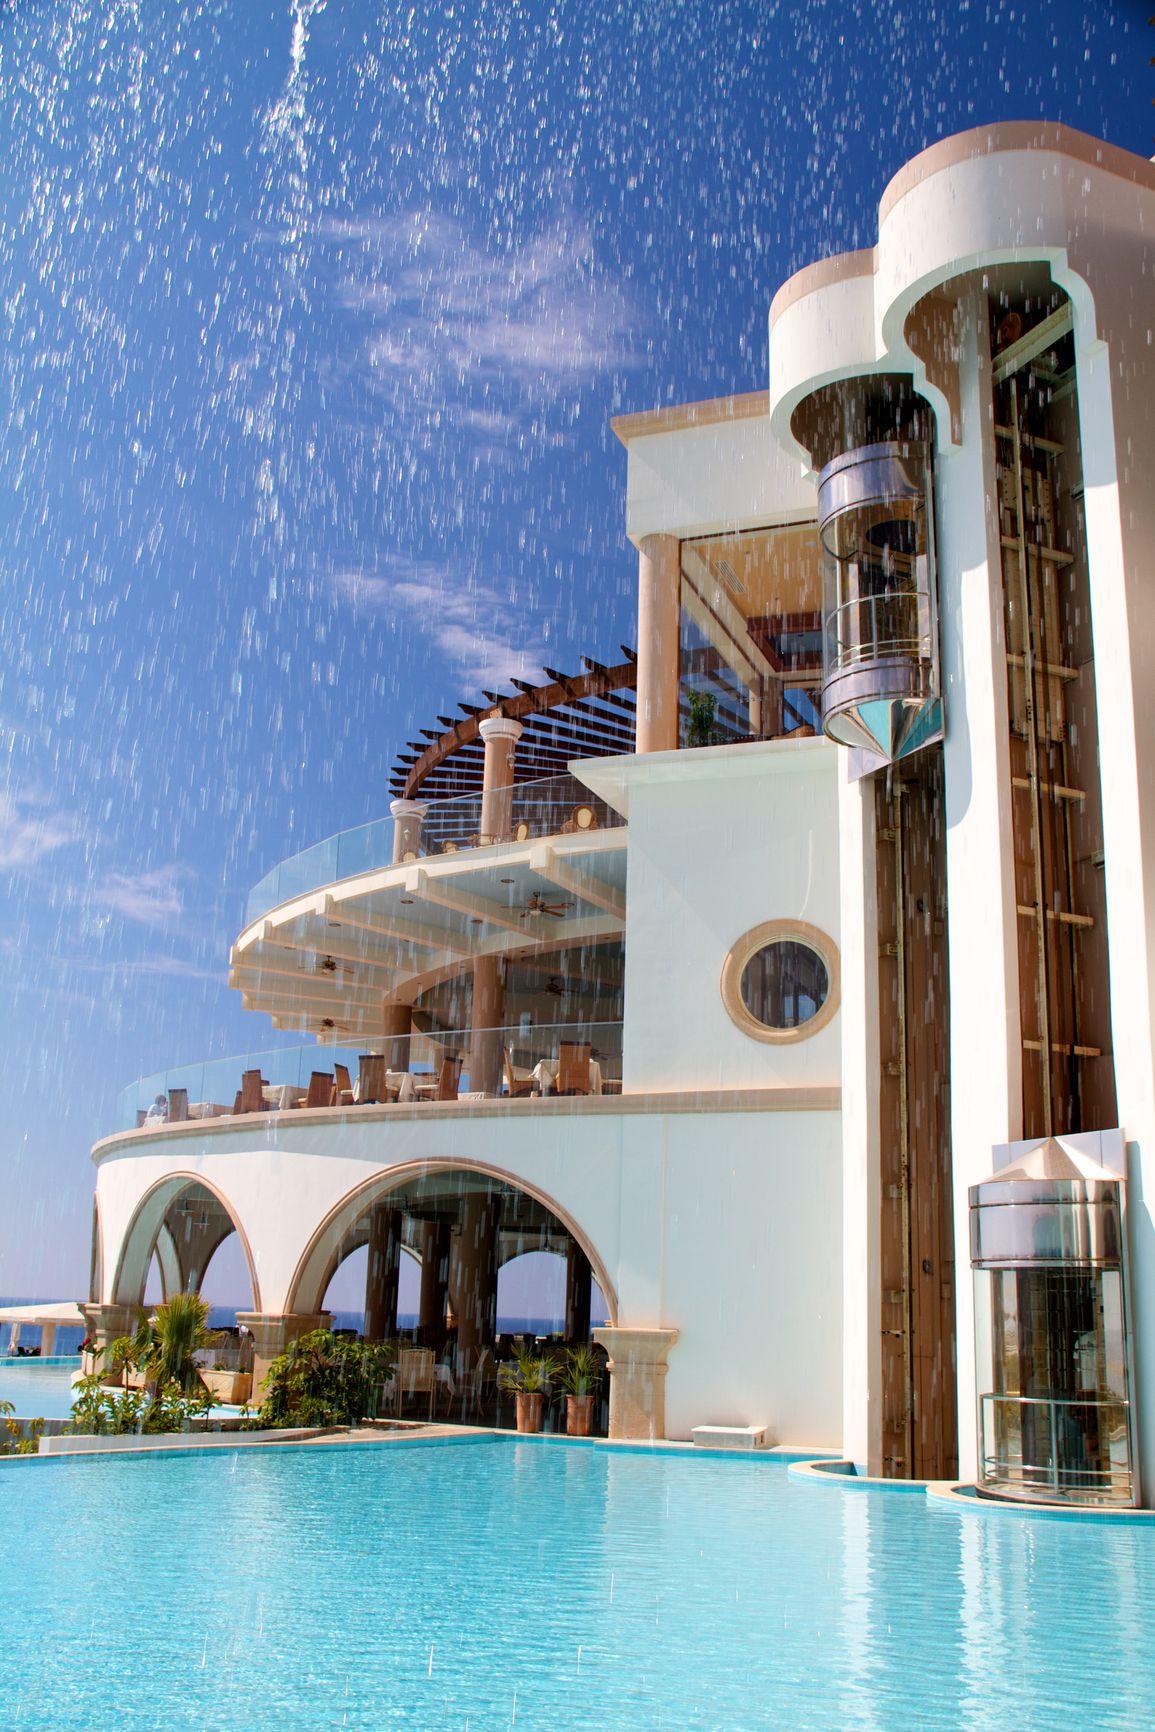 3 Story Beach Villa In Greece